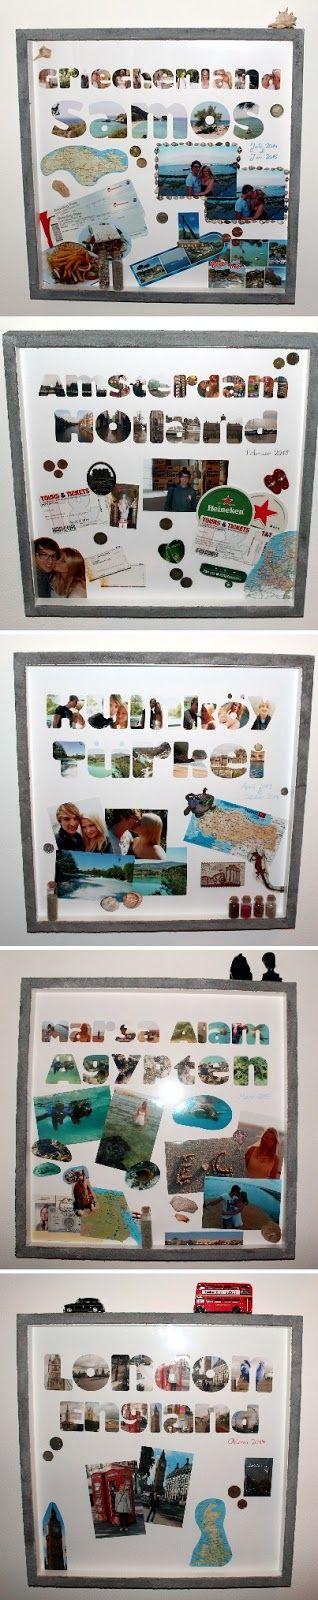 Erinnerungen Aufbewahren 23 creative ways to decorate your home with your travels keepsakes